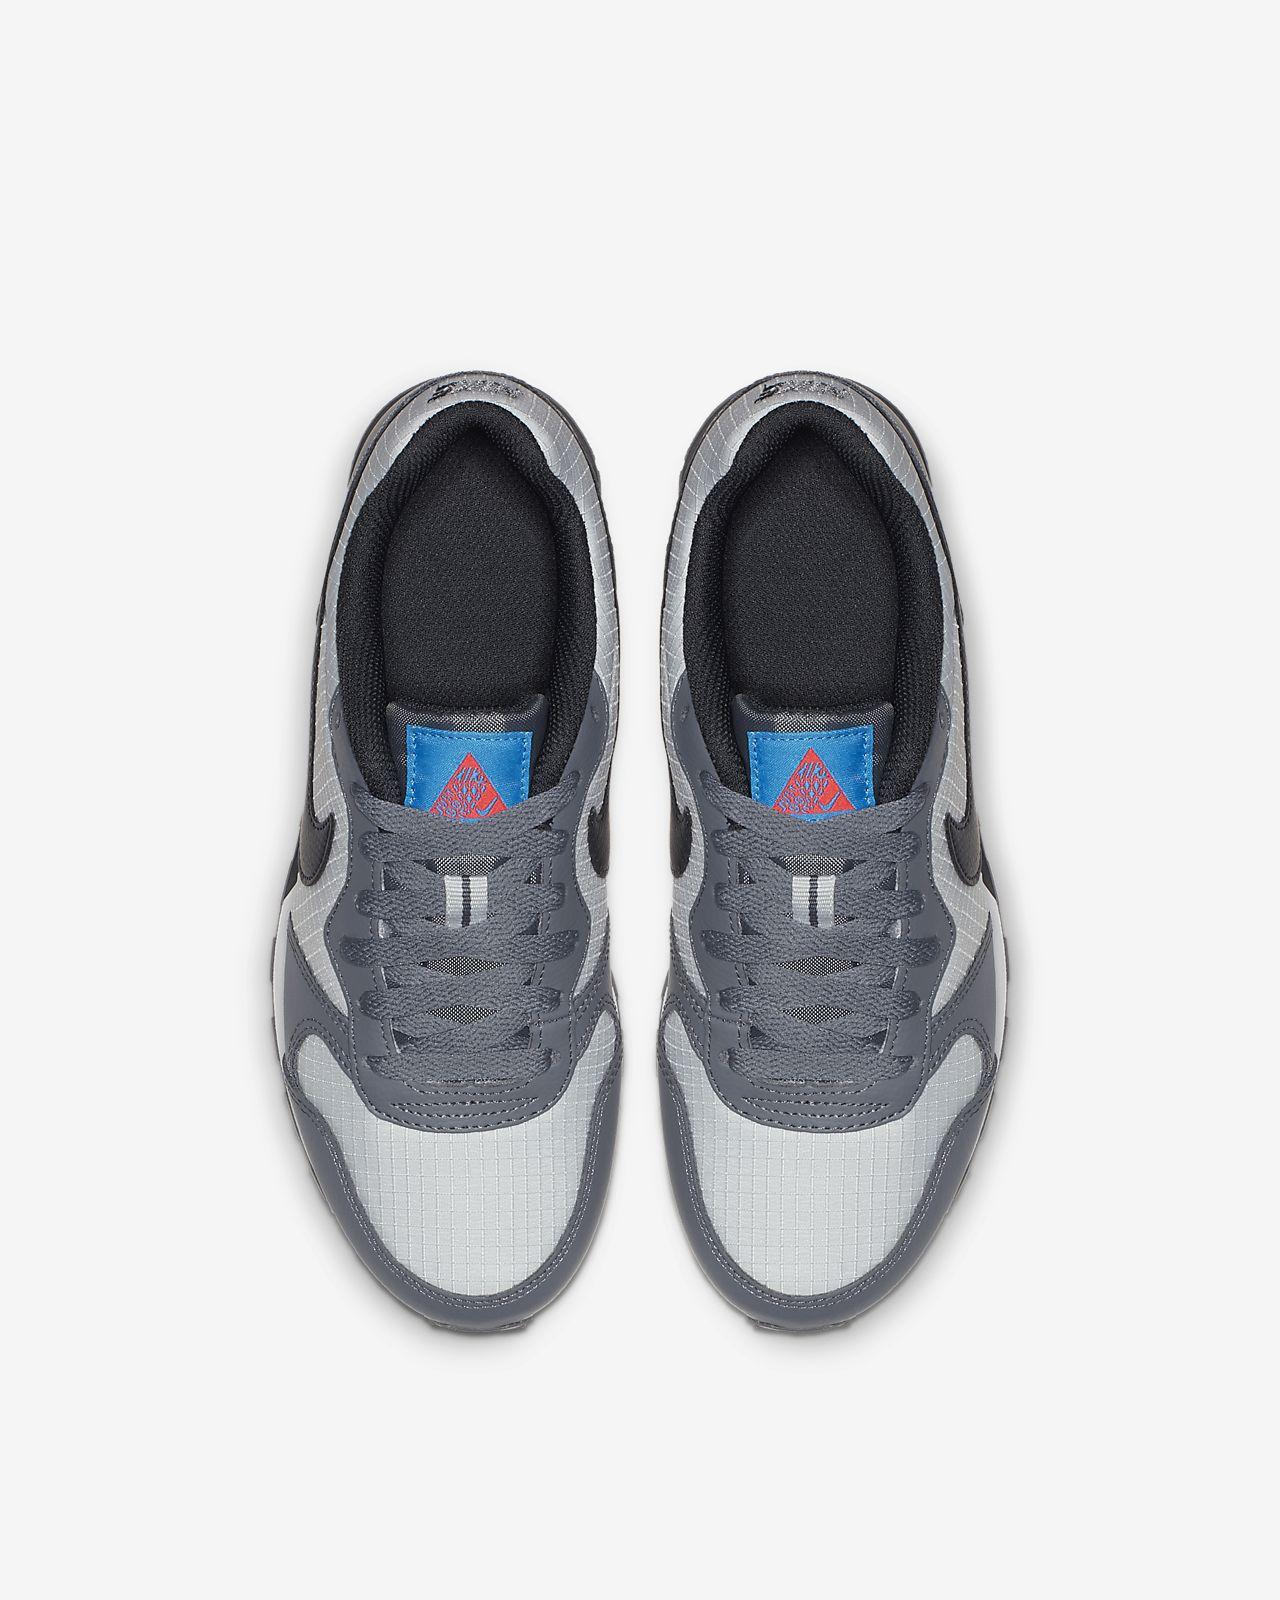 buy popular 17e4f 7f71a ... Nike MD Runner 2 Older Kids  Shoe